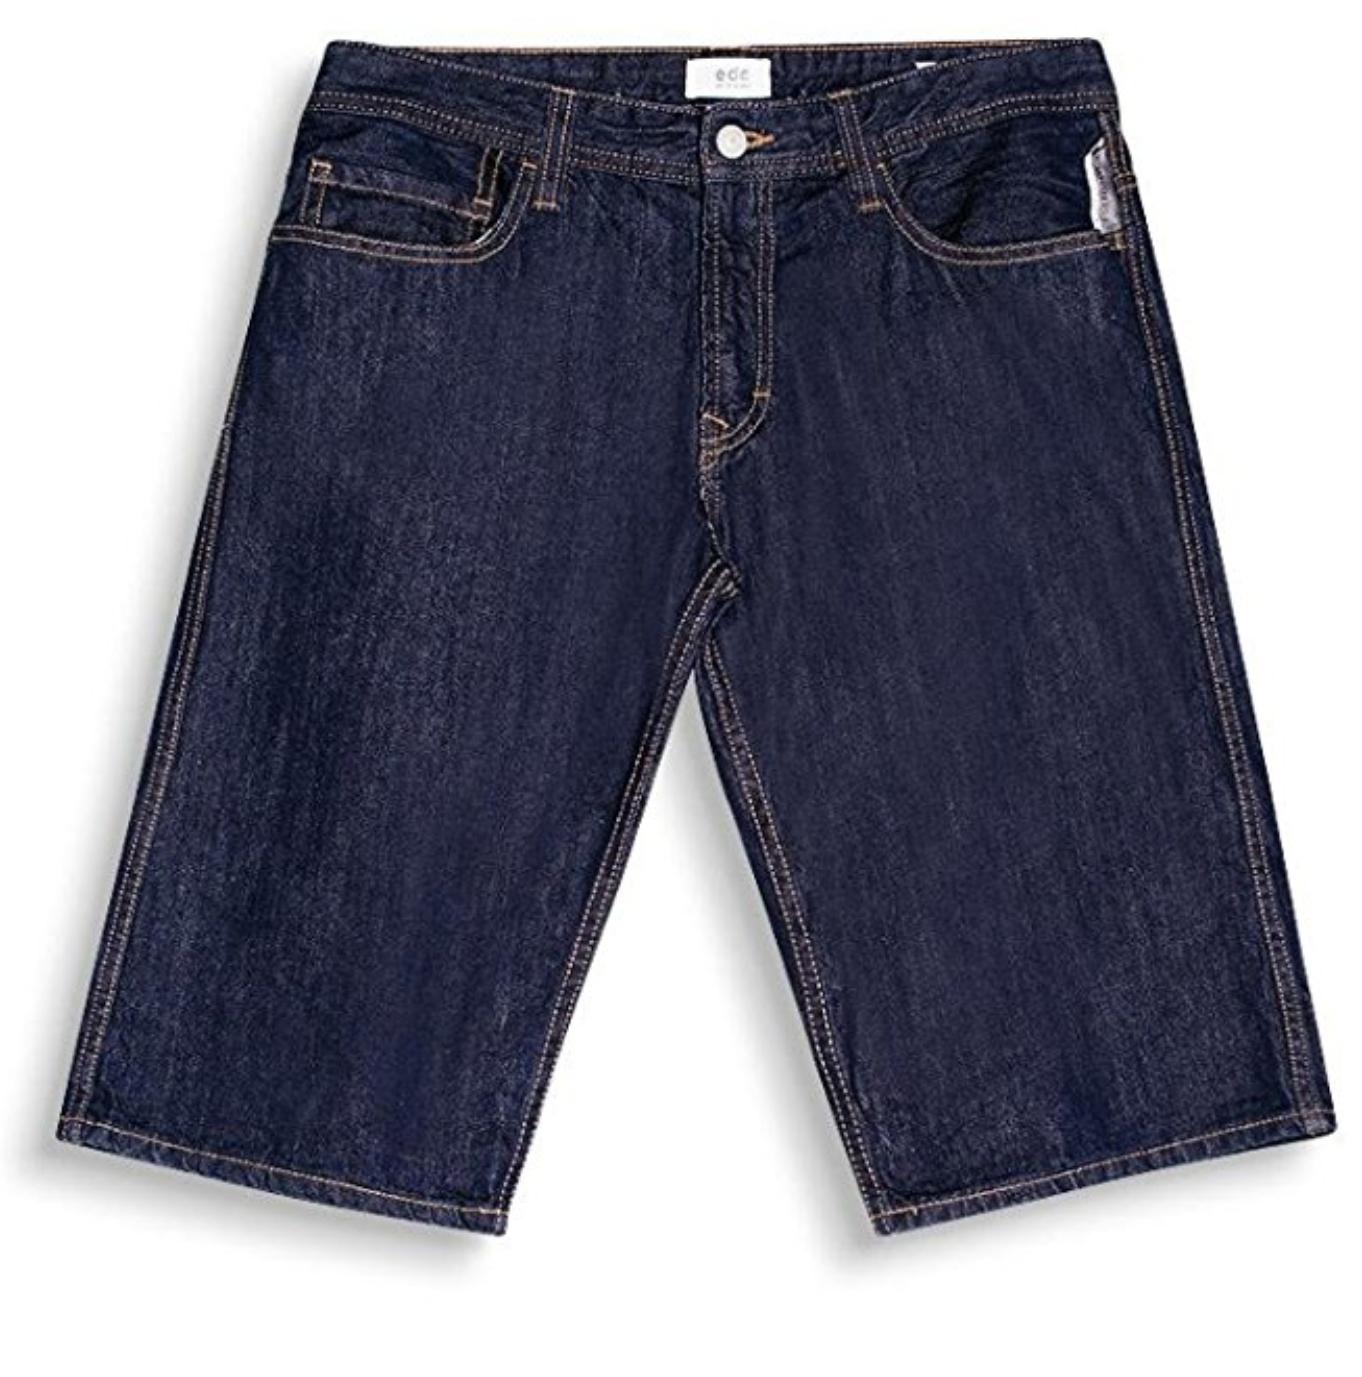 [PRIME] ESPRIT Herren Jeans Short alle Größen